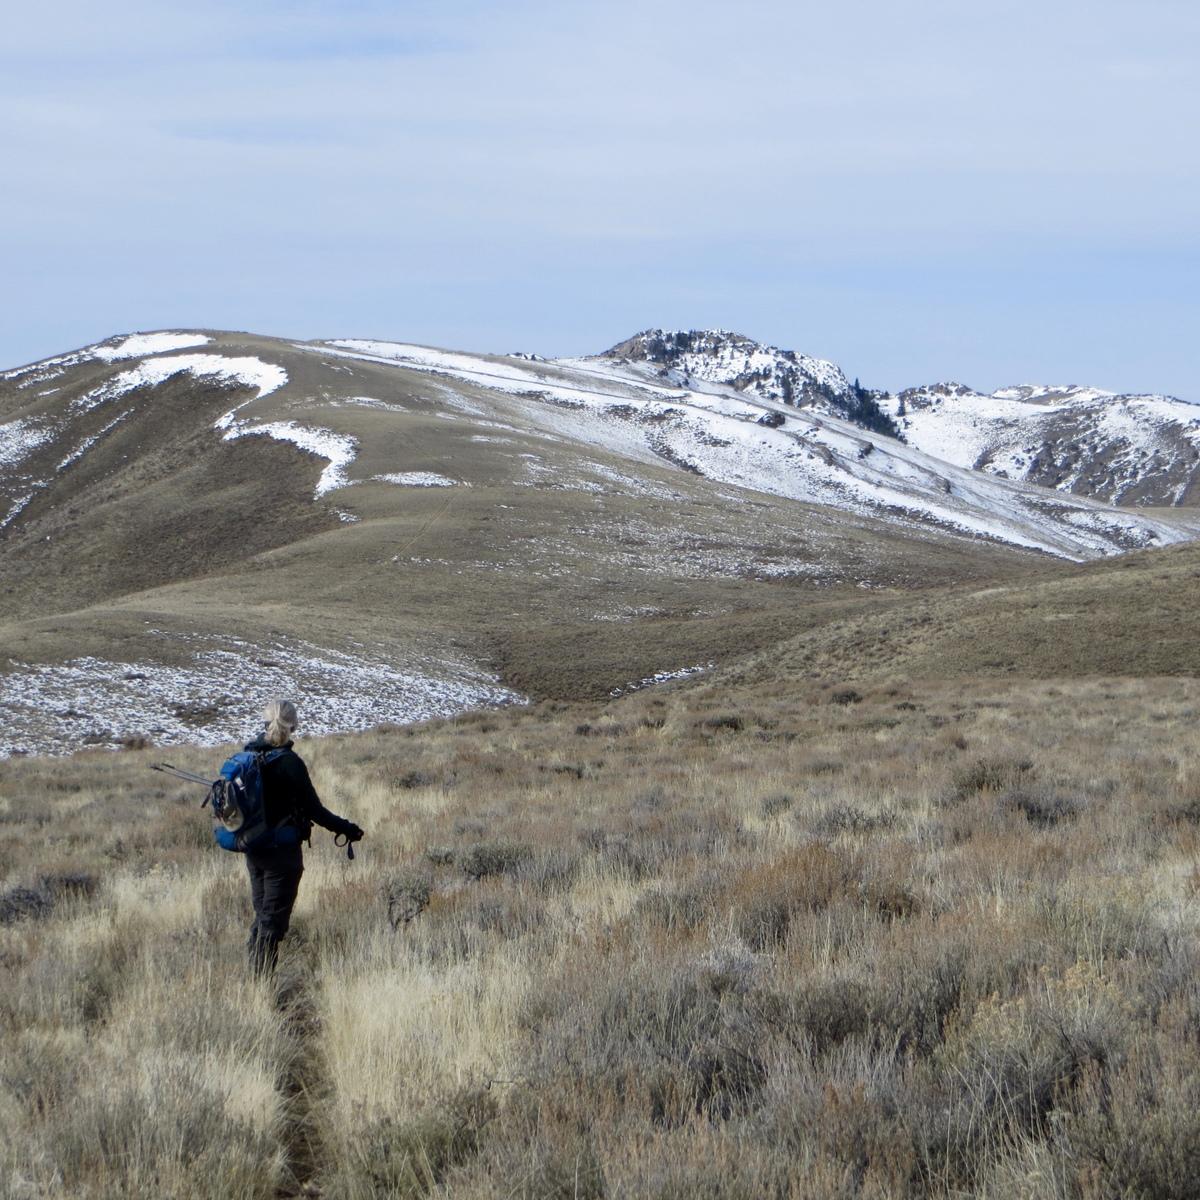 Looking at Peak 6990. Steve Mandella photo.